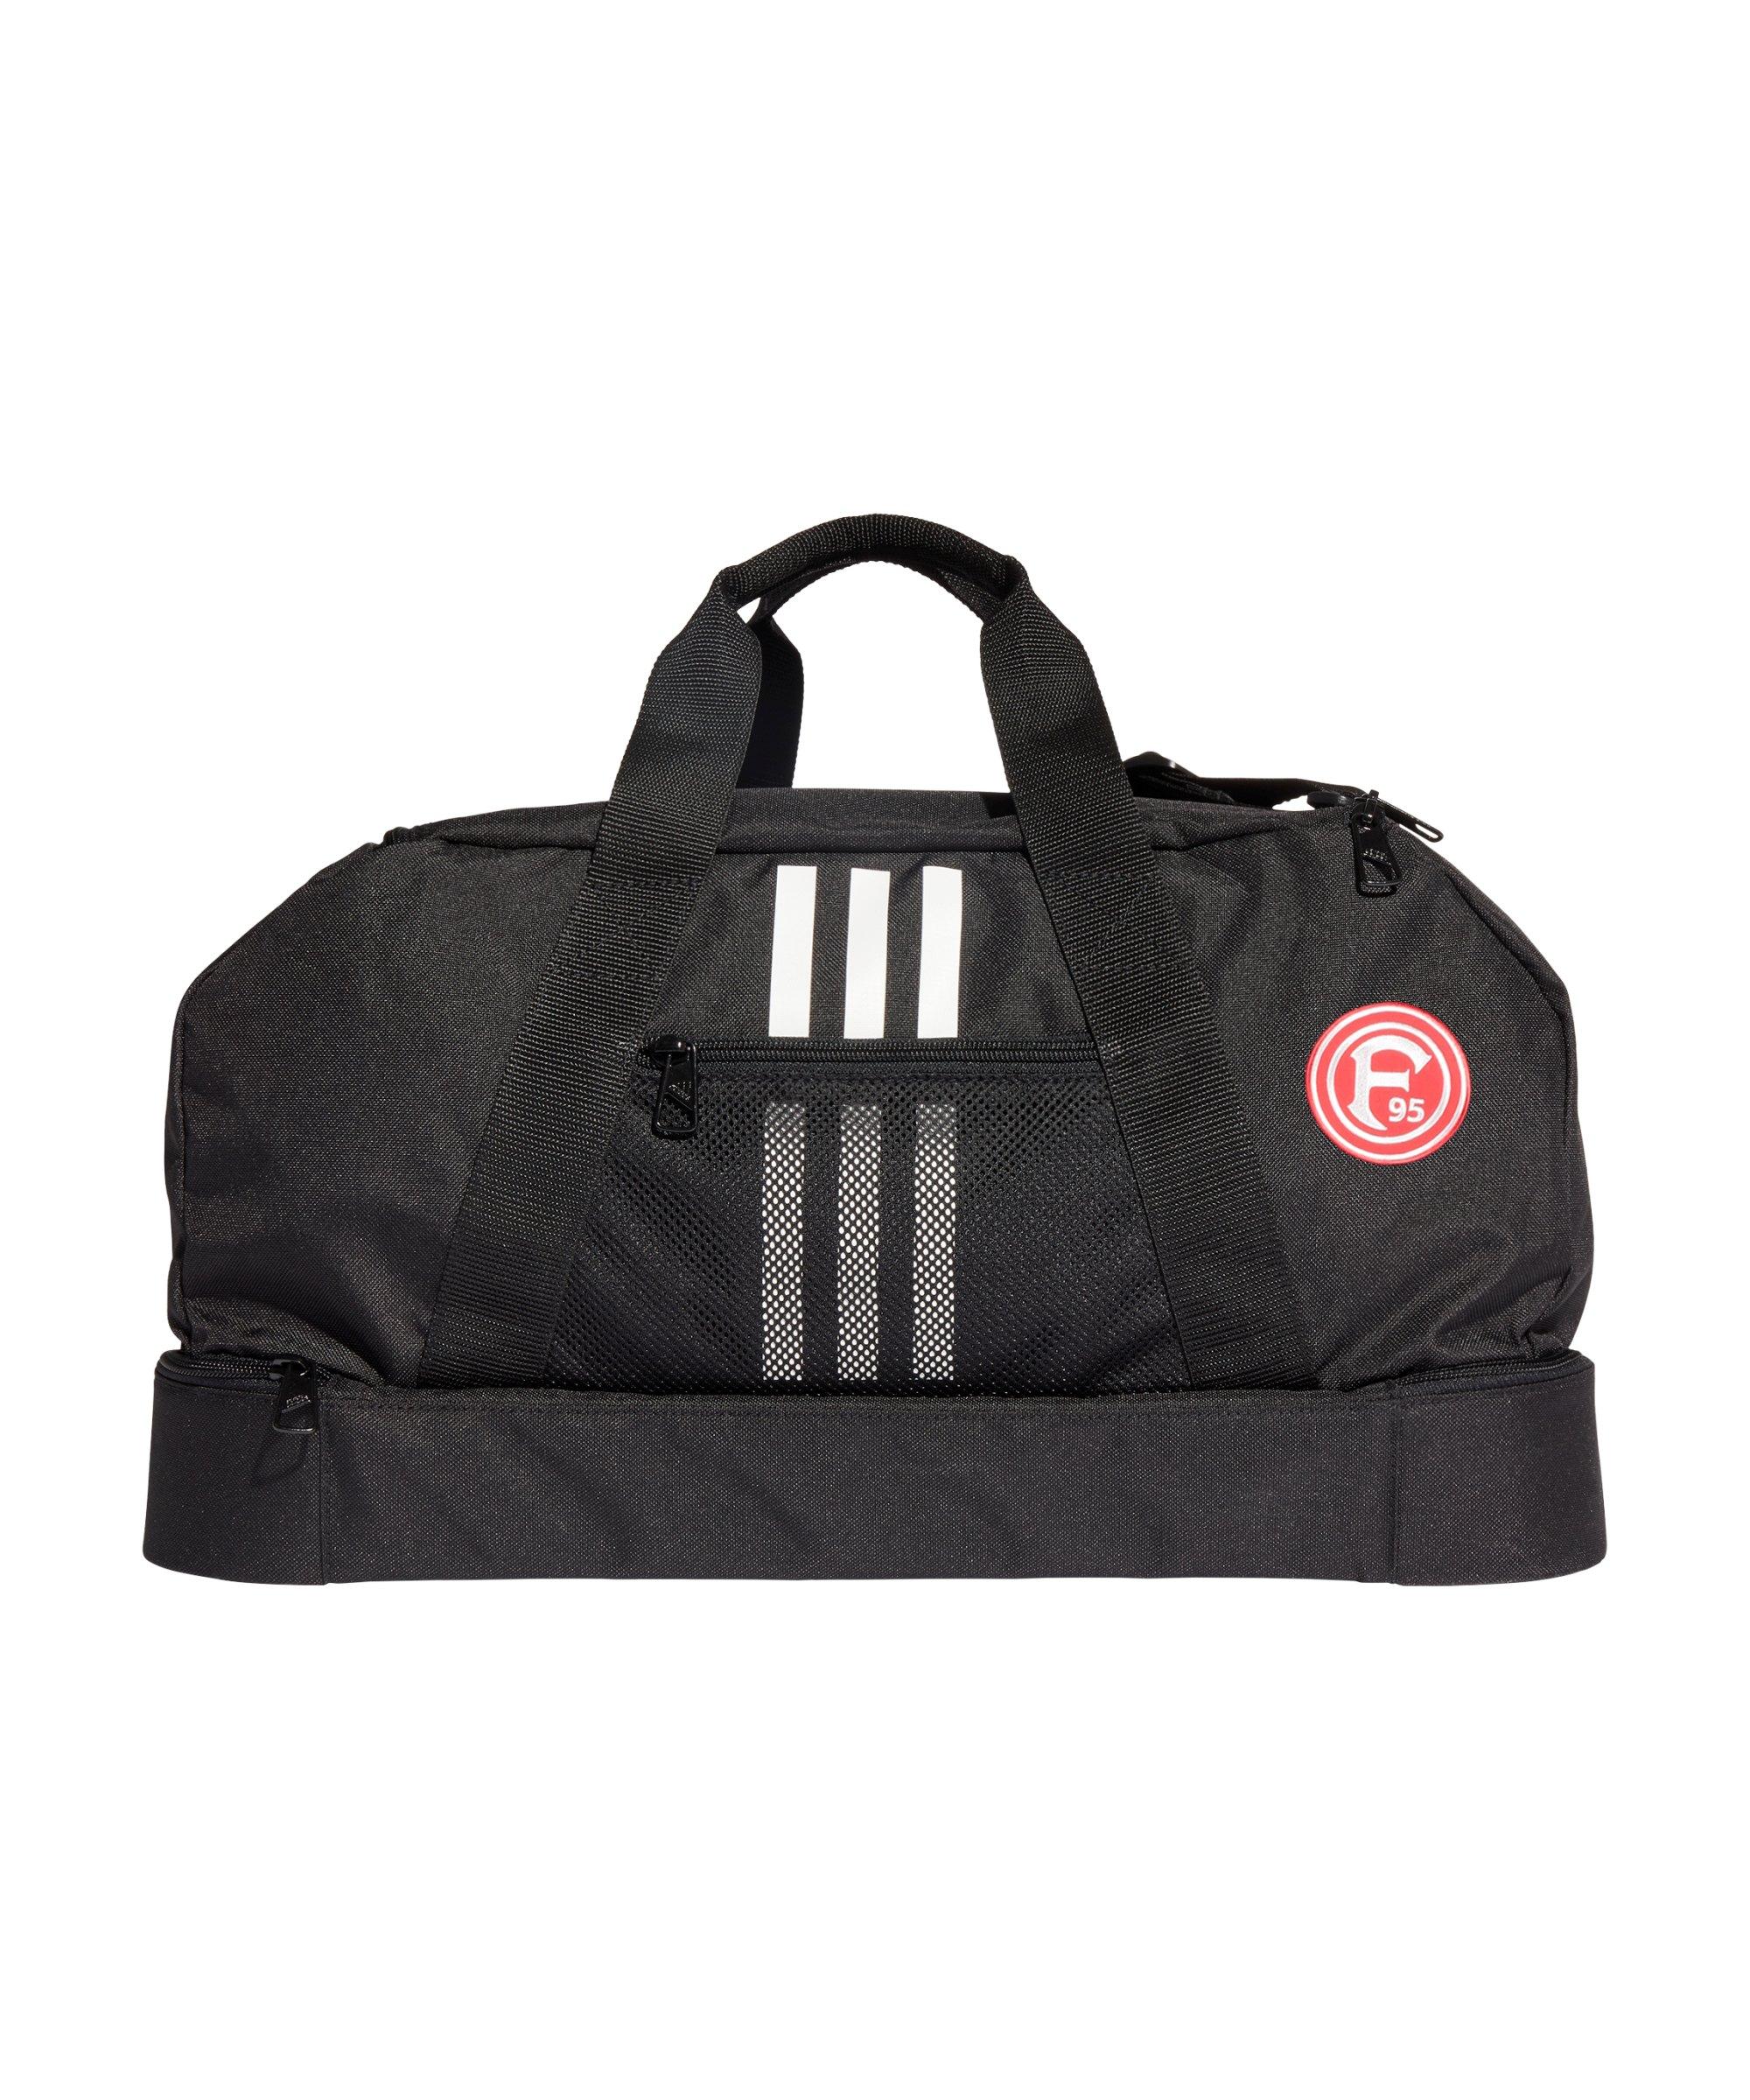 adidas Fortuna Düsseldorf Tasche Schwarz - schwarz